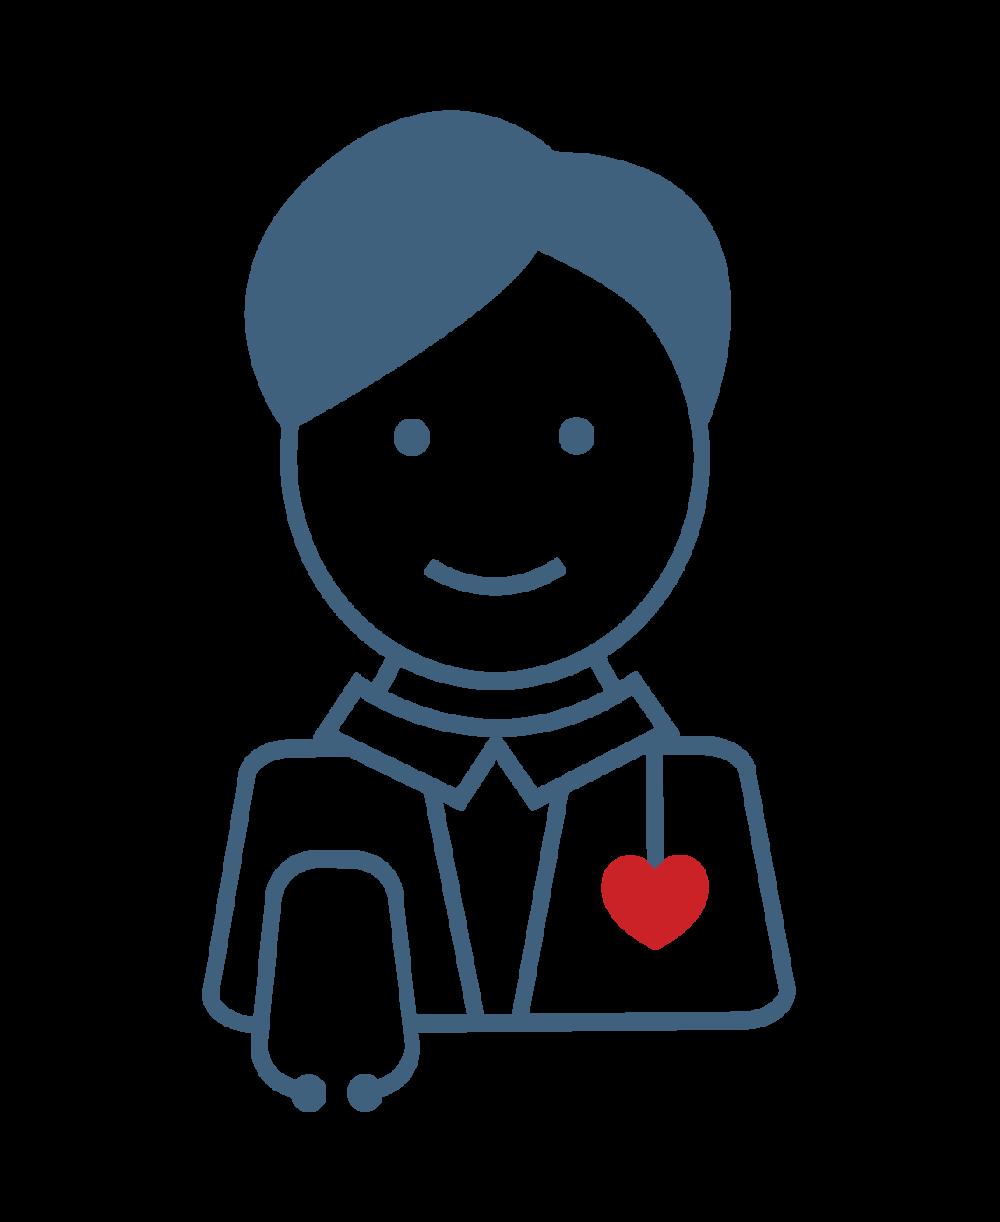 51 instituciones hospitalarias a nivel nacional han recibido cientos de voluntarios de sangre y plaquetas. -